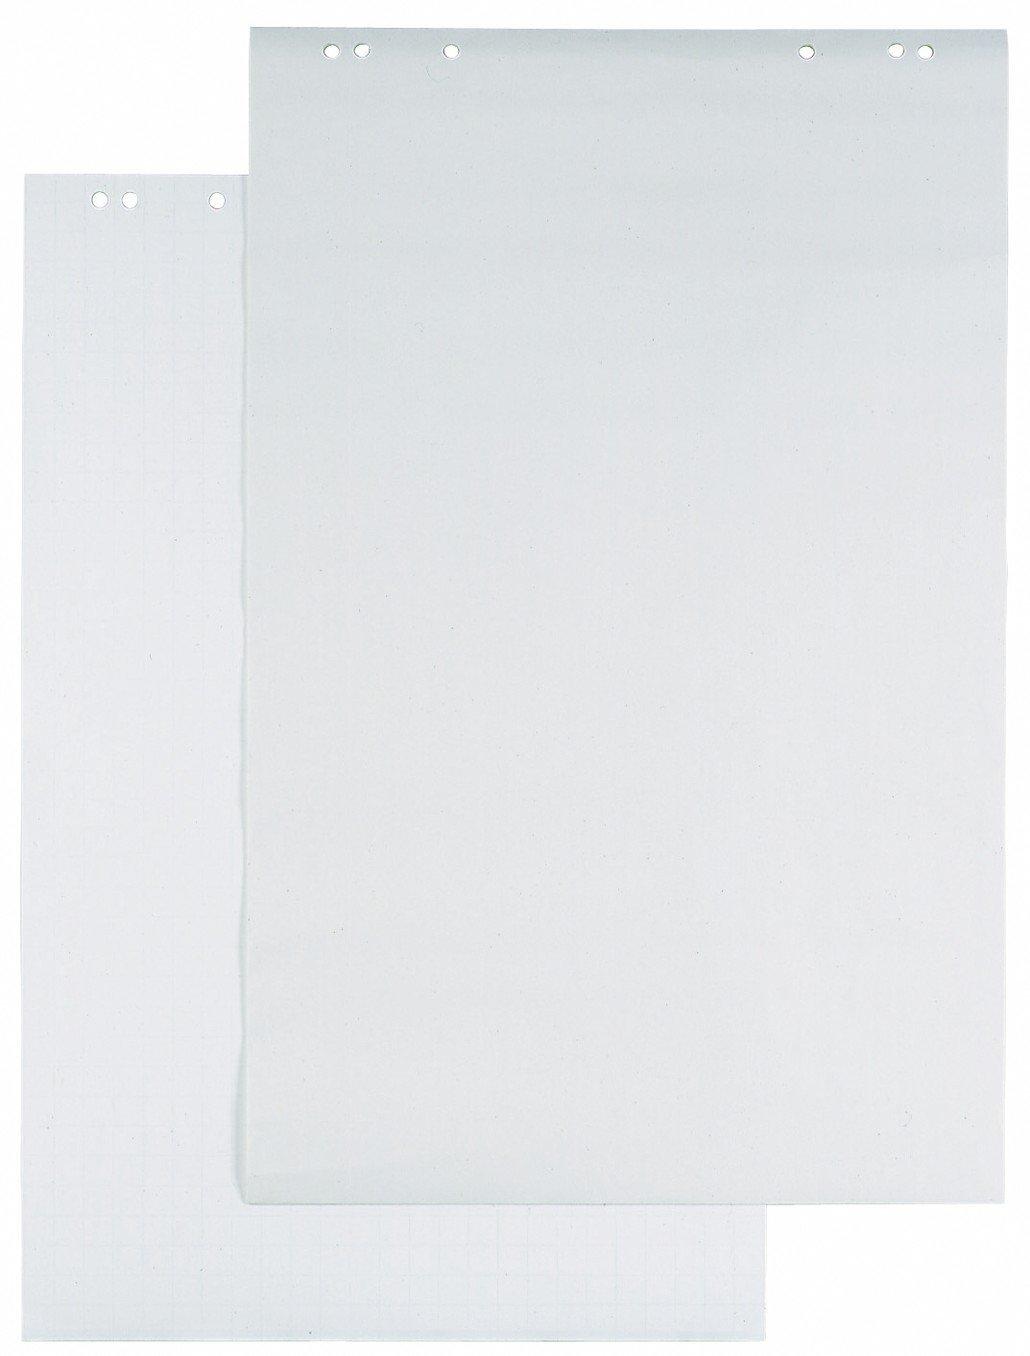 DURABLE 866202 - Blocco di ricambio per lavagna a fogli mobili, 20 fogli, foratura universale, 68x100 cm, bianco